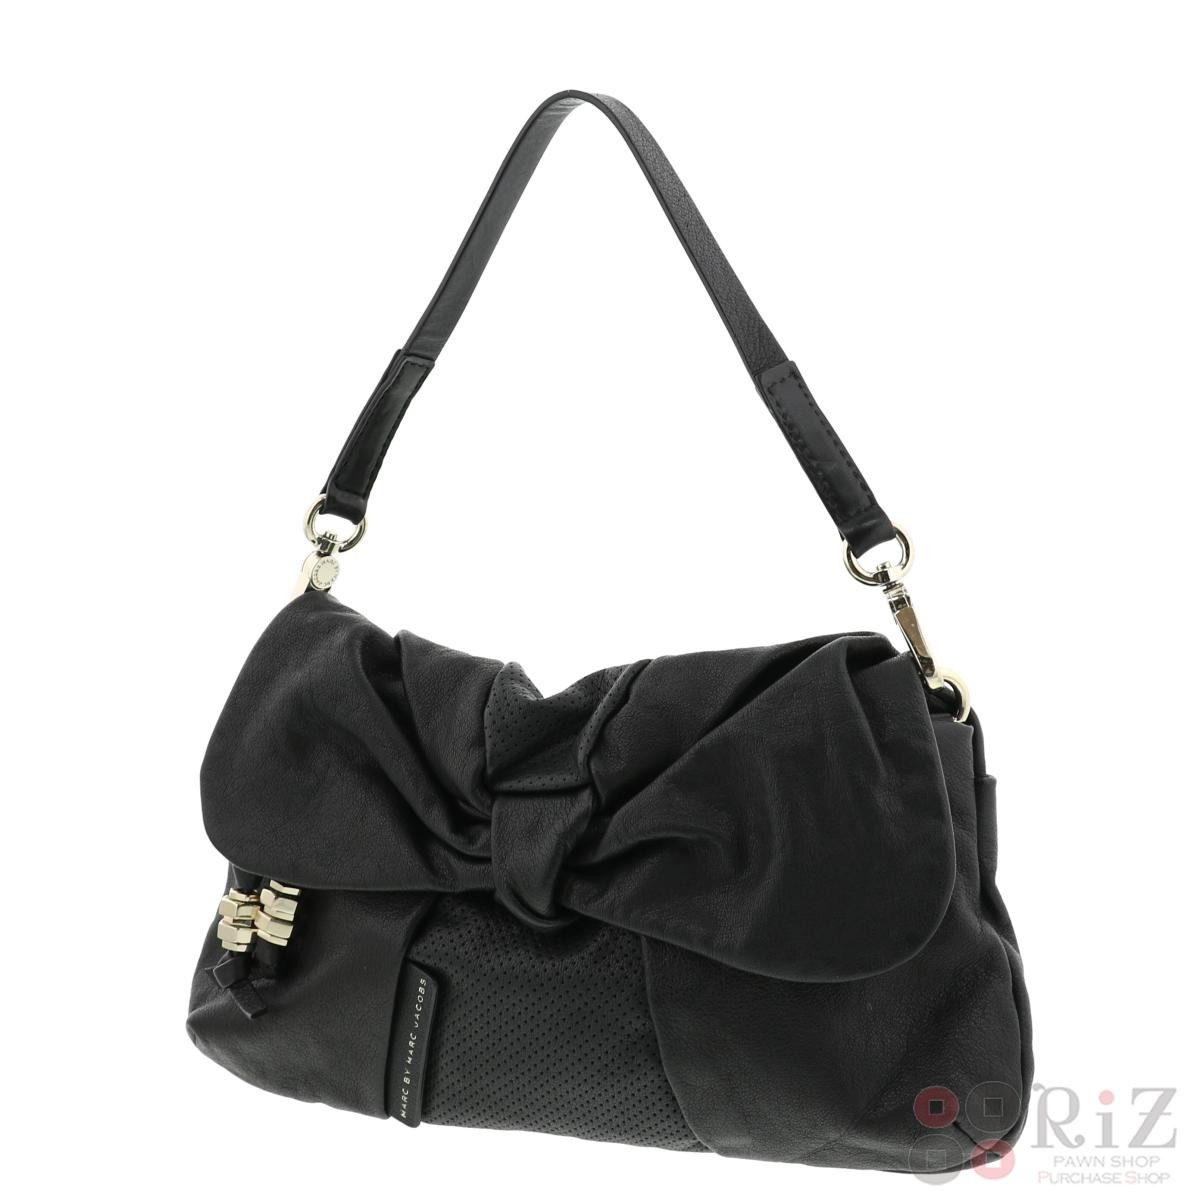 【中古】MARC BY MARC JACOBS (マークバイマークジェイコブス) ワンショルダーバッグ バッグ ショルダー/メッセンジャーバッグ Shoulder Bag Black/ブラック  used:B